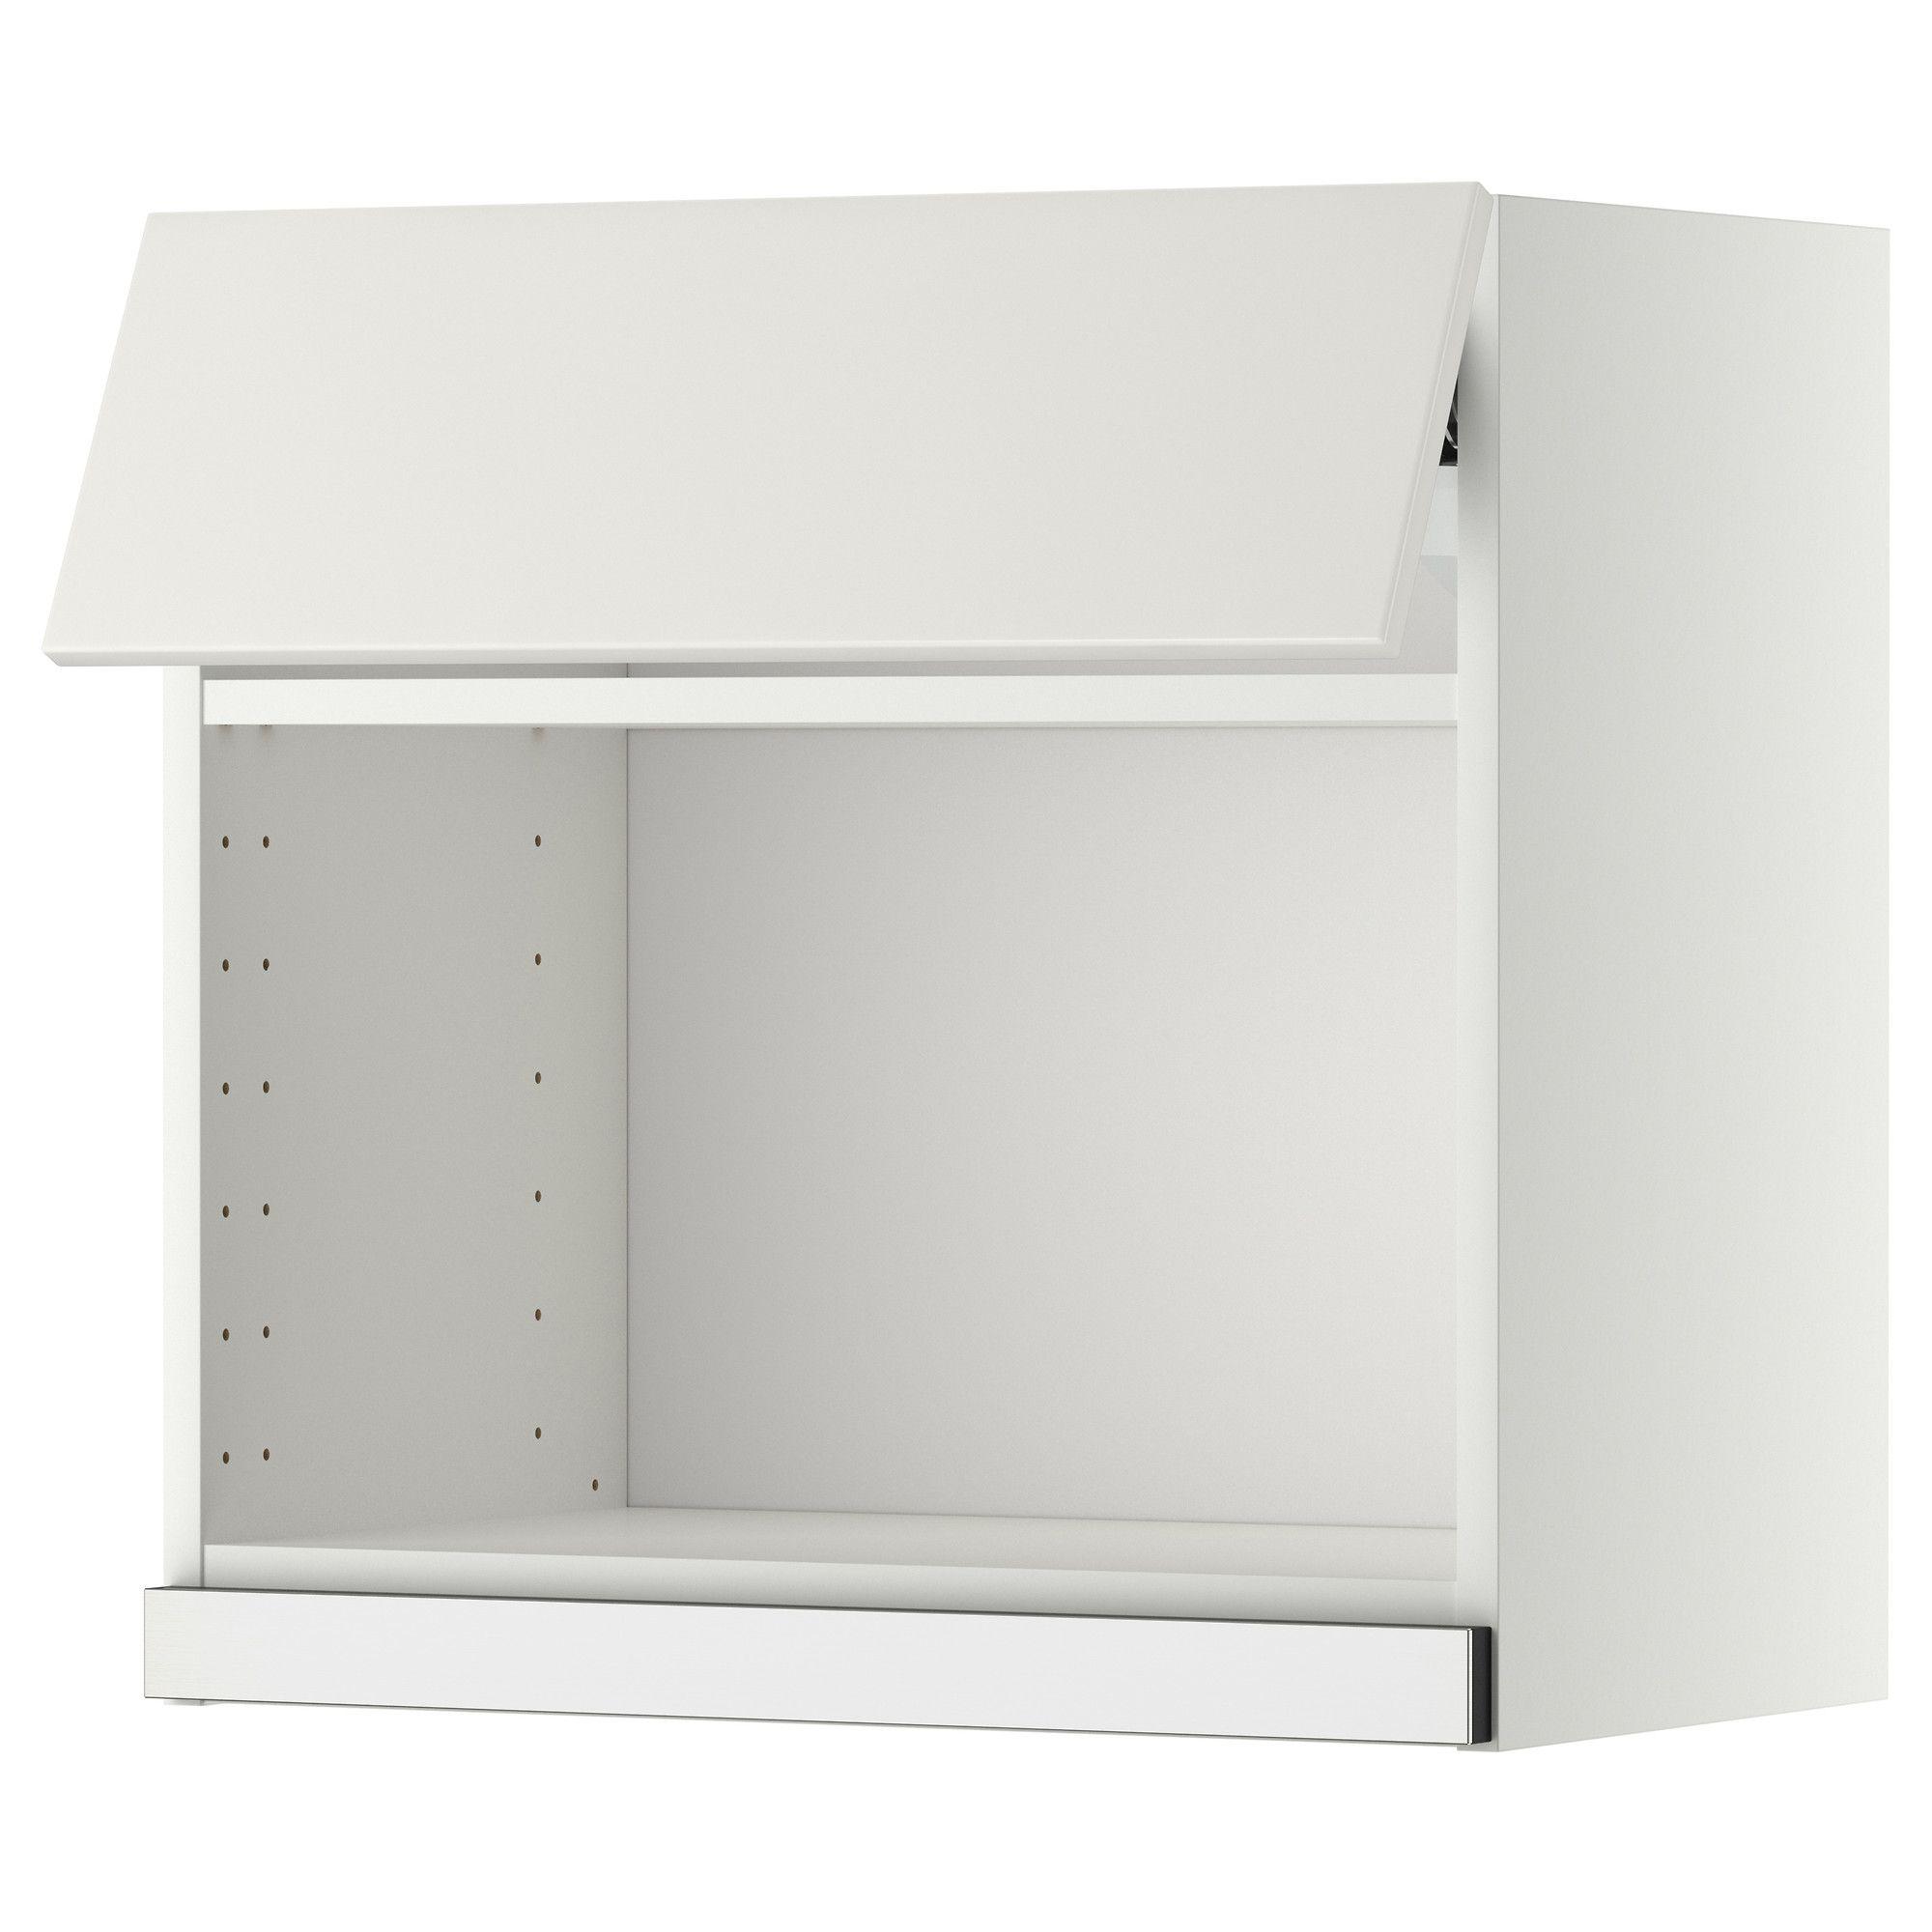 Nett Wandschränke Ikea Galerie Hauptinnenideen kakados